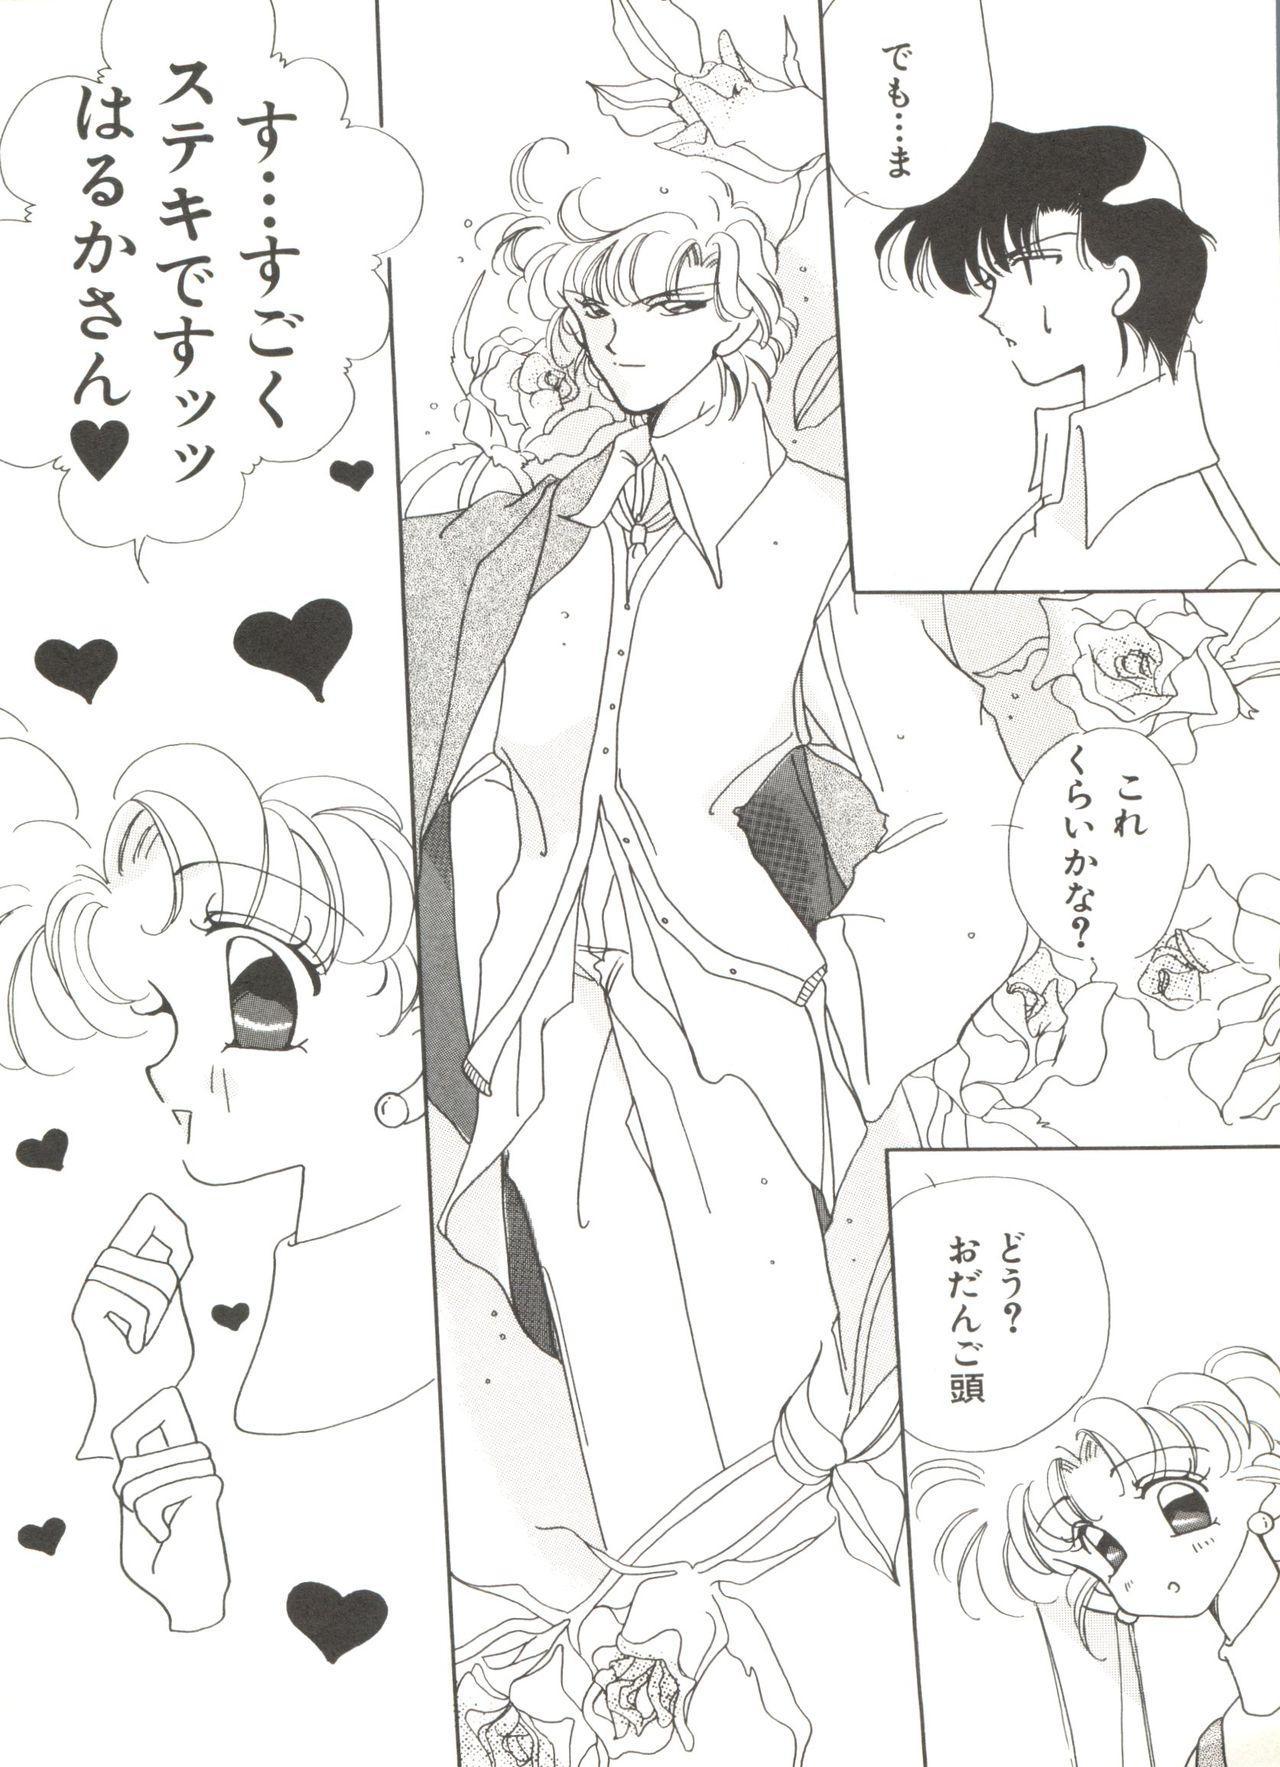 Bishoujo Doujinshi Anthology 12 - Moon Paradise 7 Tsuki no Rakuen 118